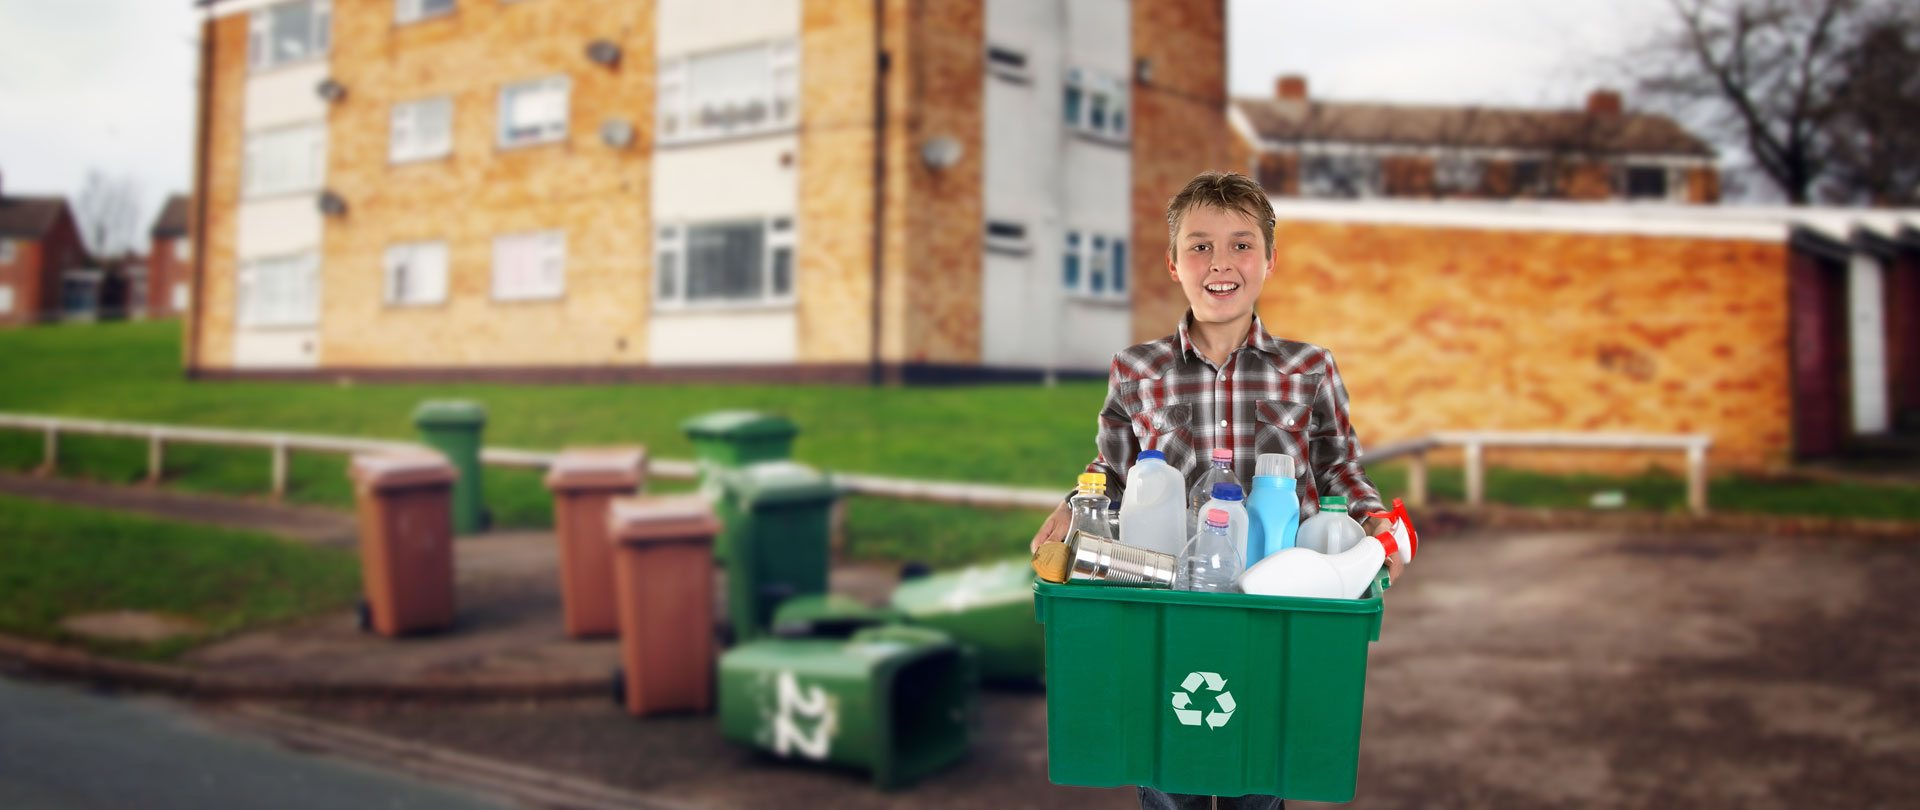 Put waste